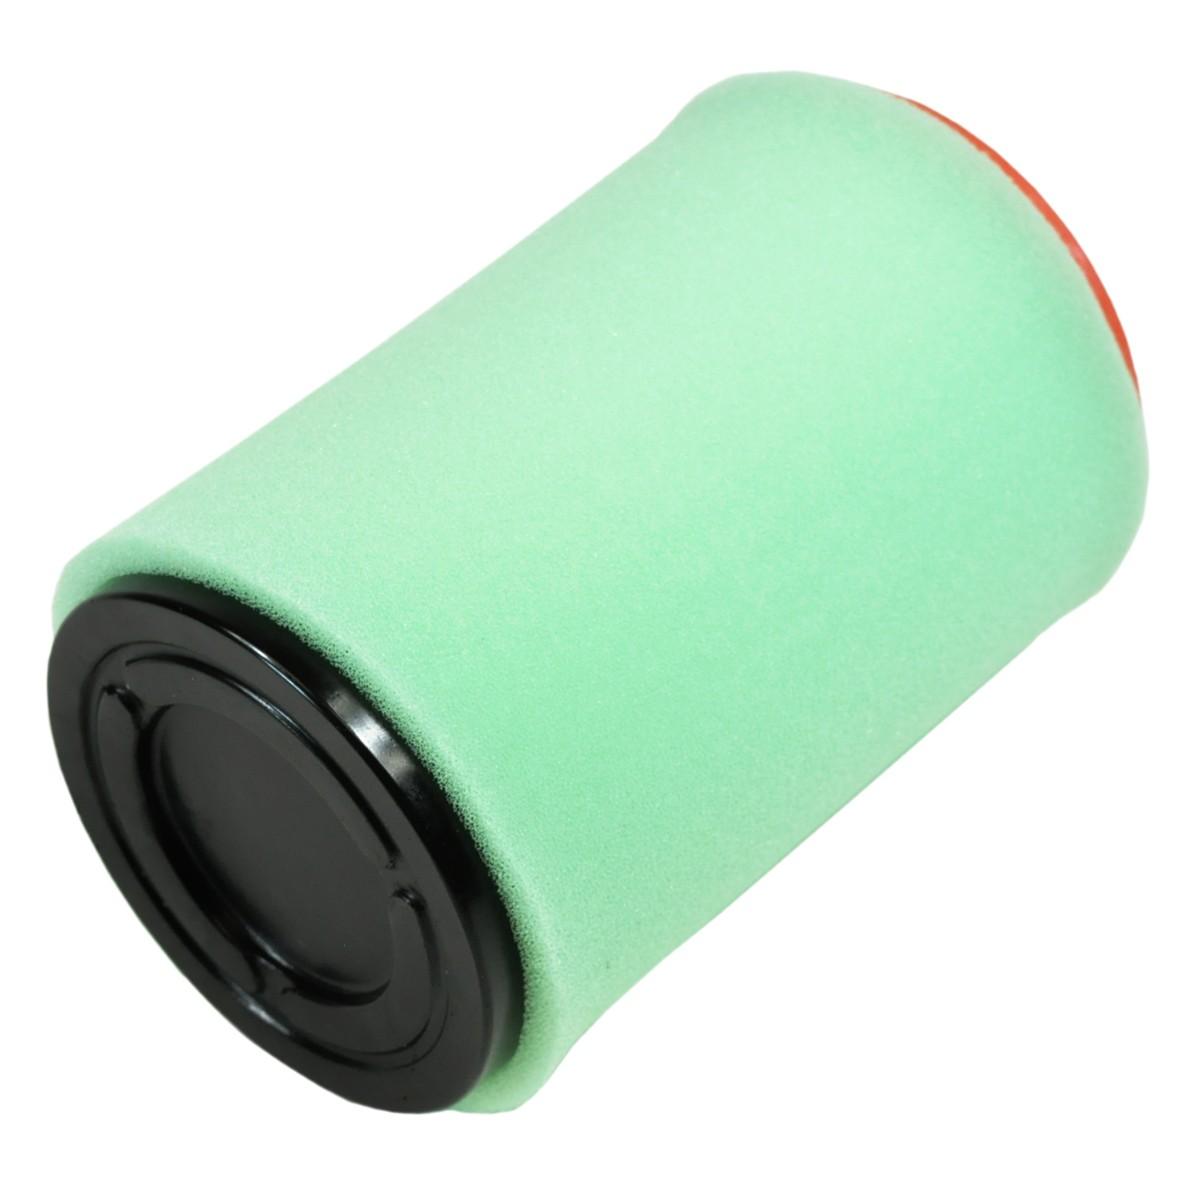 Yamaha 1p0 E4450 00 00 Air Filter For Big Bear 400 Big